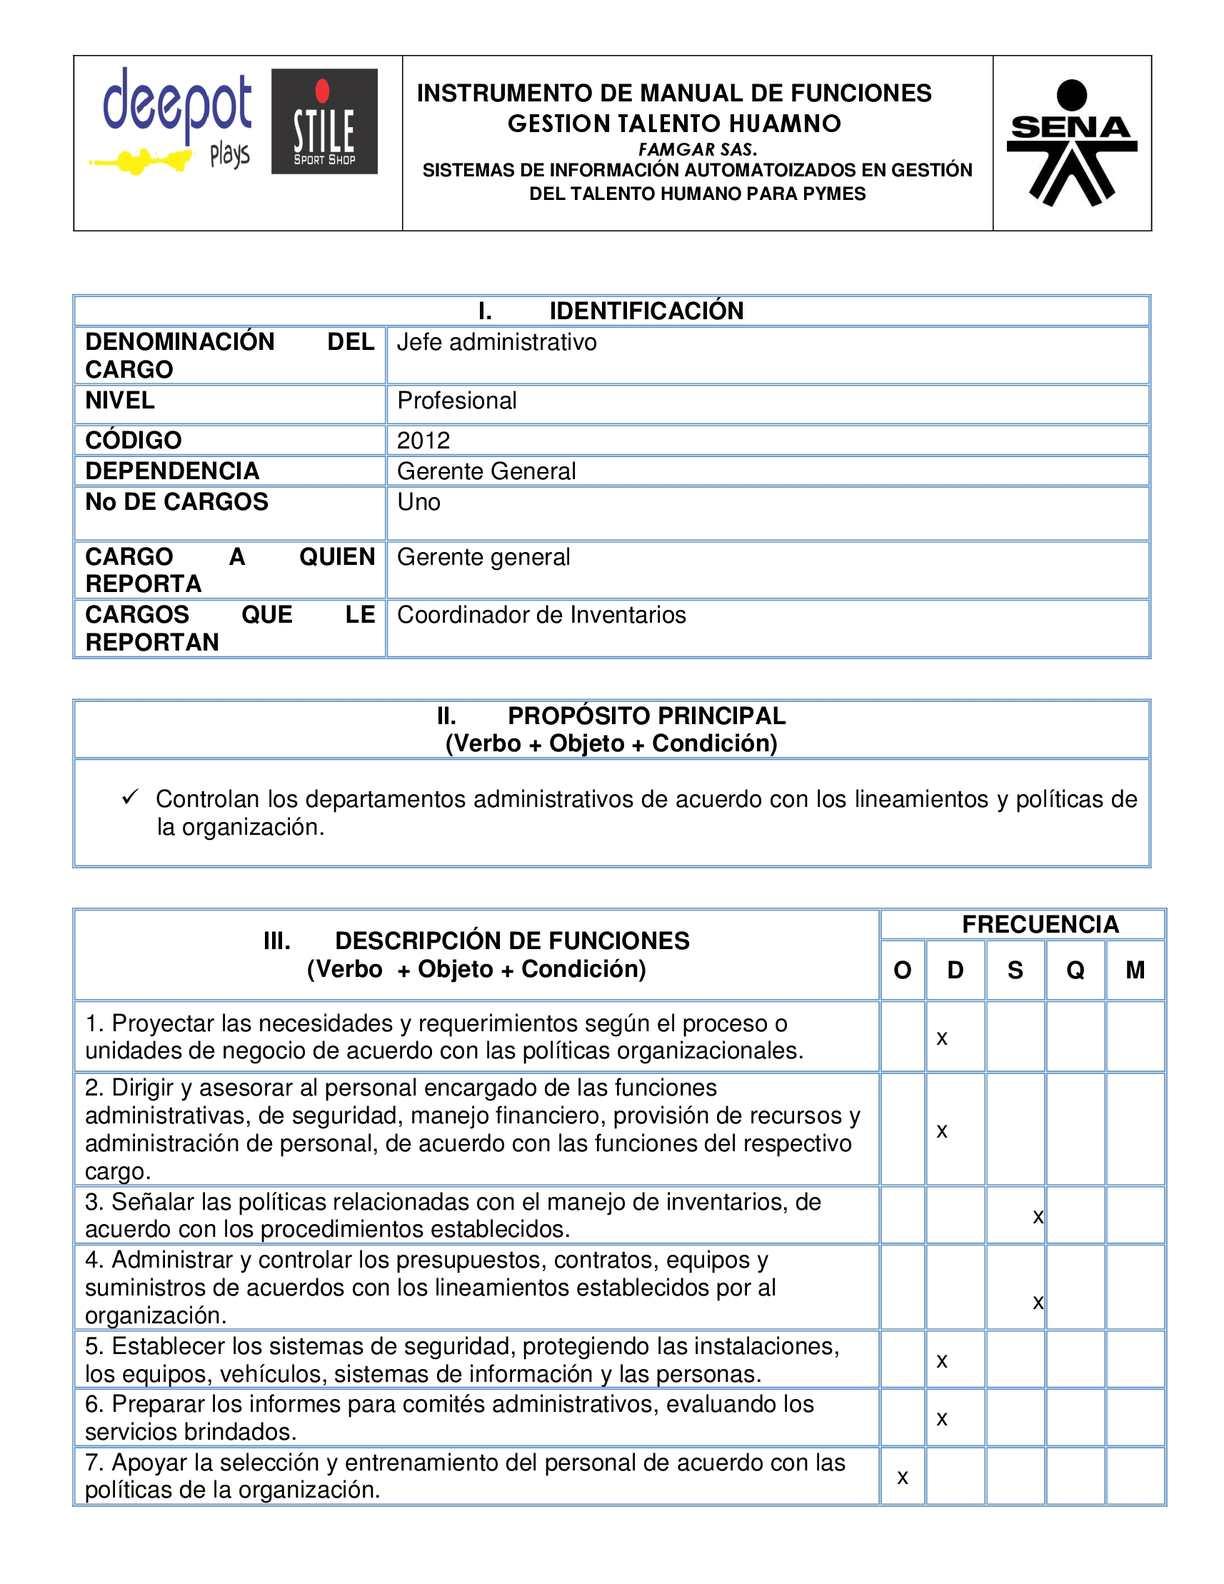 Calam o manual de funciones jefe administrativo Manual de procesos y procedimientos de una empresa de alimentos